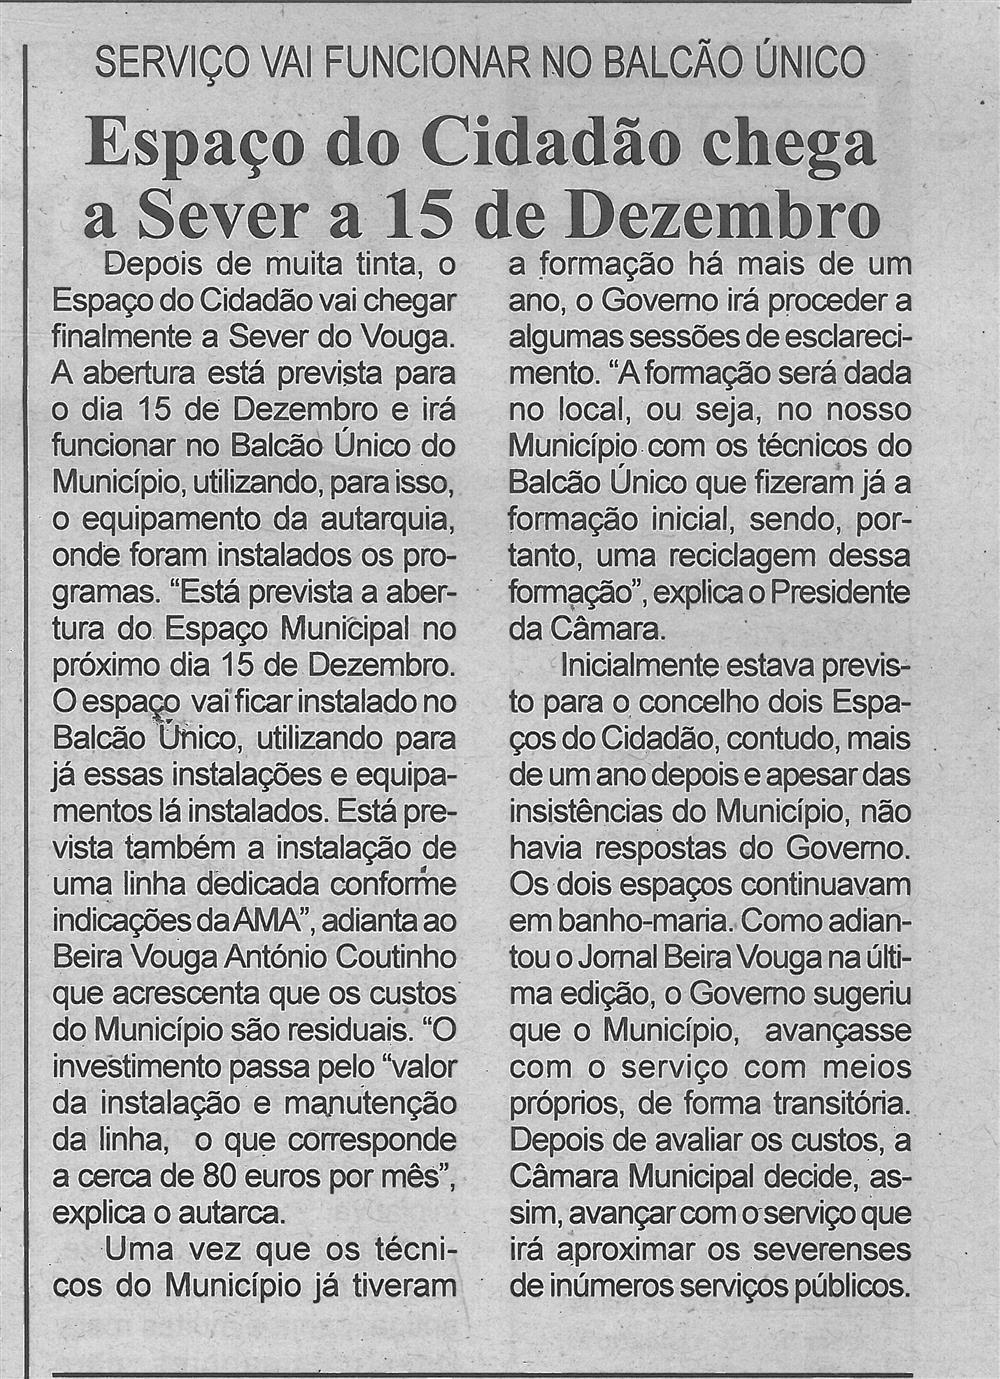 BV-1.ªdez.'16-p.3-Espaço do Cidadão chega a Sever a 15 de dezembro : serviço vai funcionar no Balcão Único.jpg